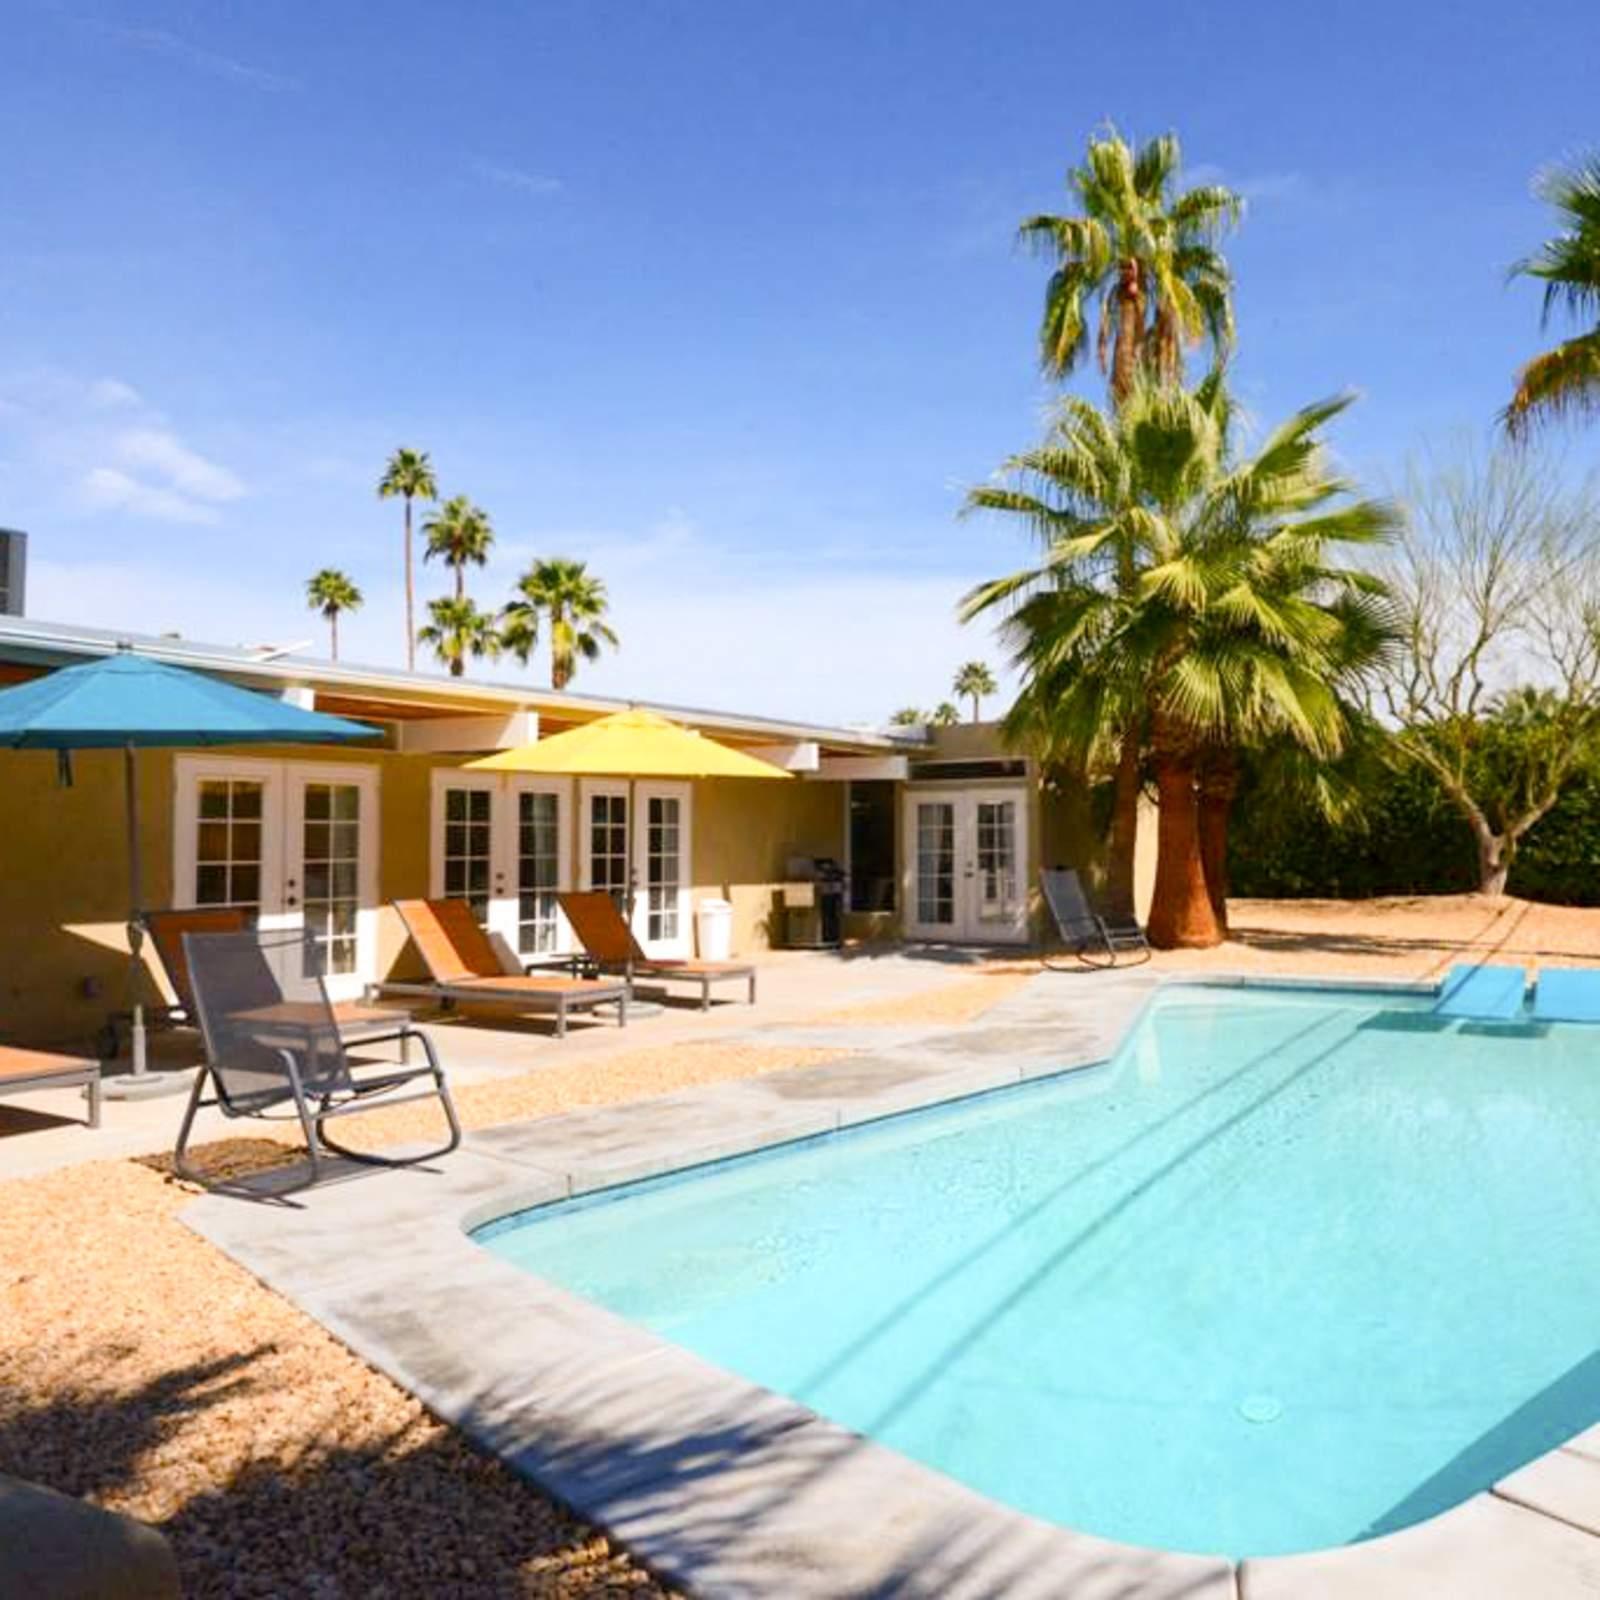 hotel kalifornien ferienh user mit pool canusa. Black Bedroom Furniture Sets. Home Design Ideas